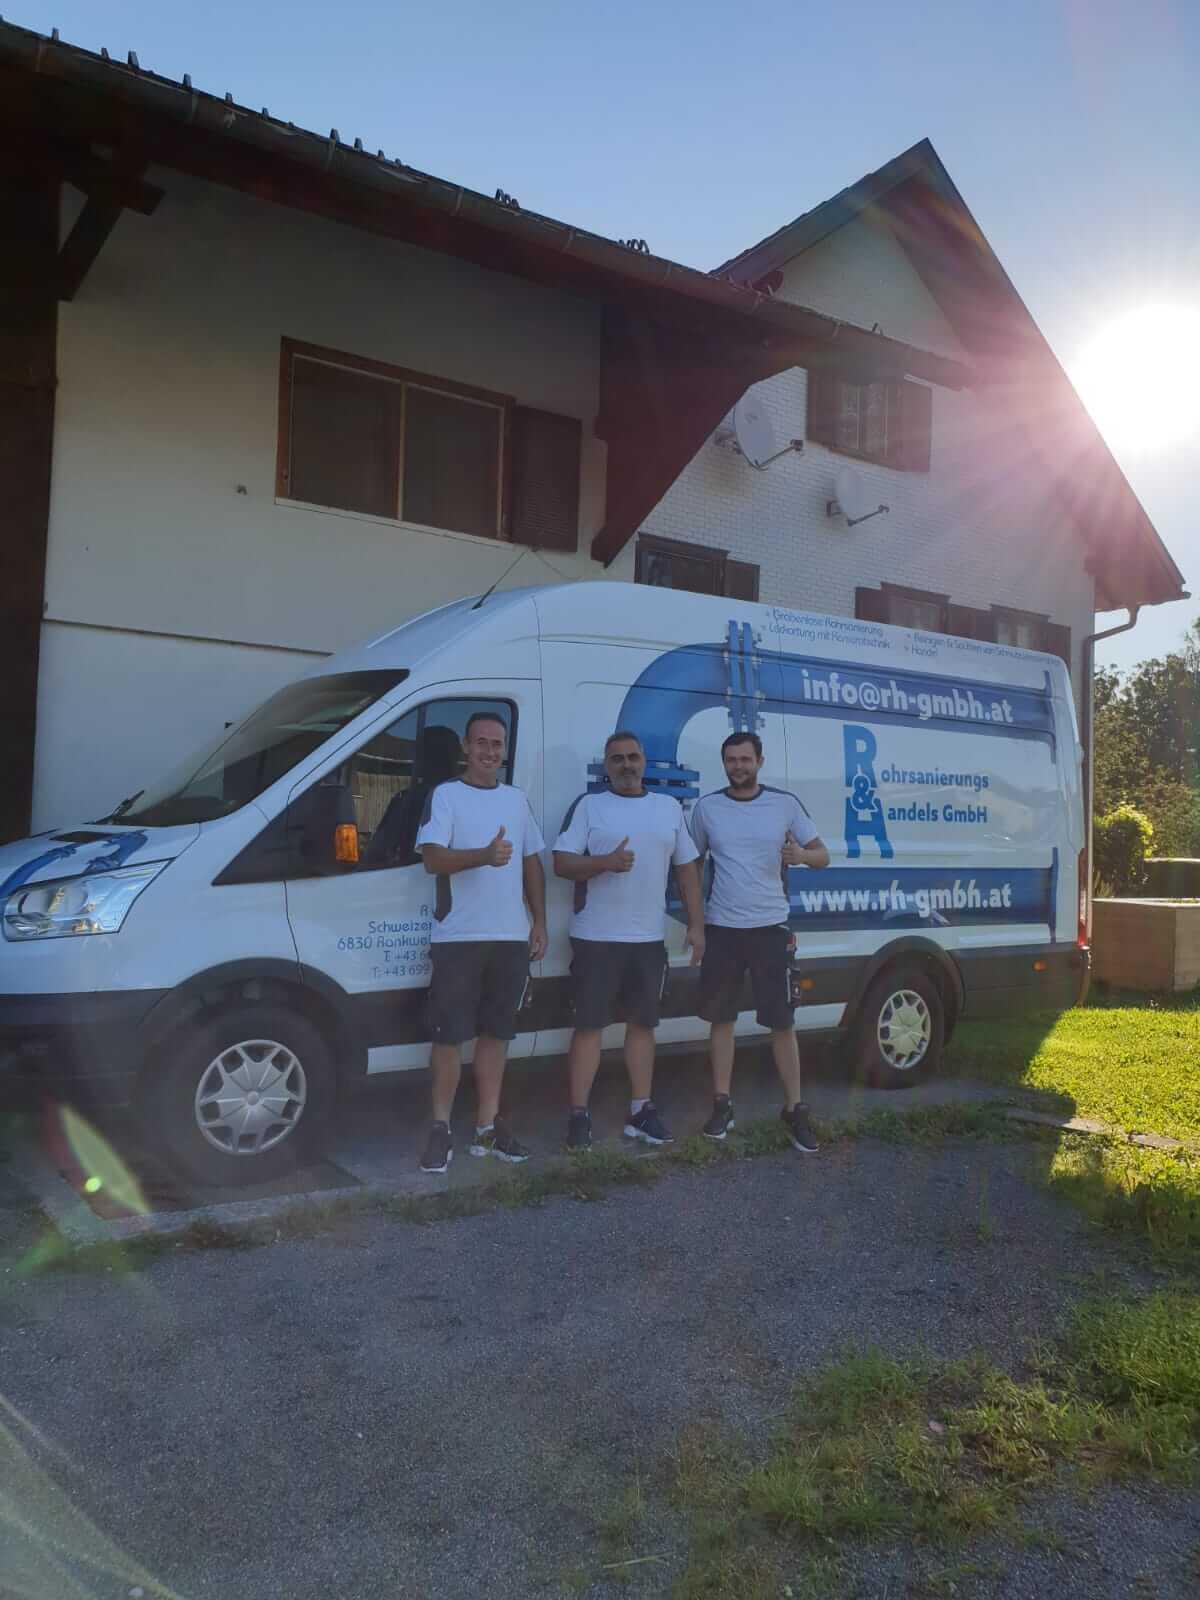 Team R&H GmbH